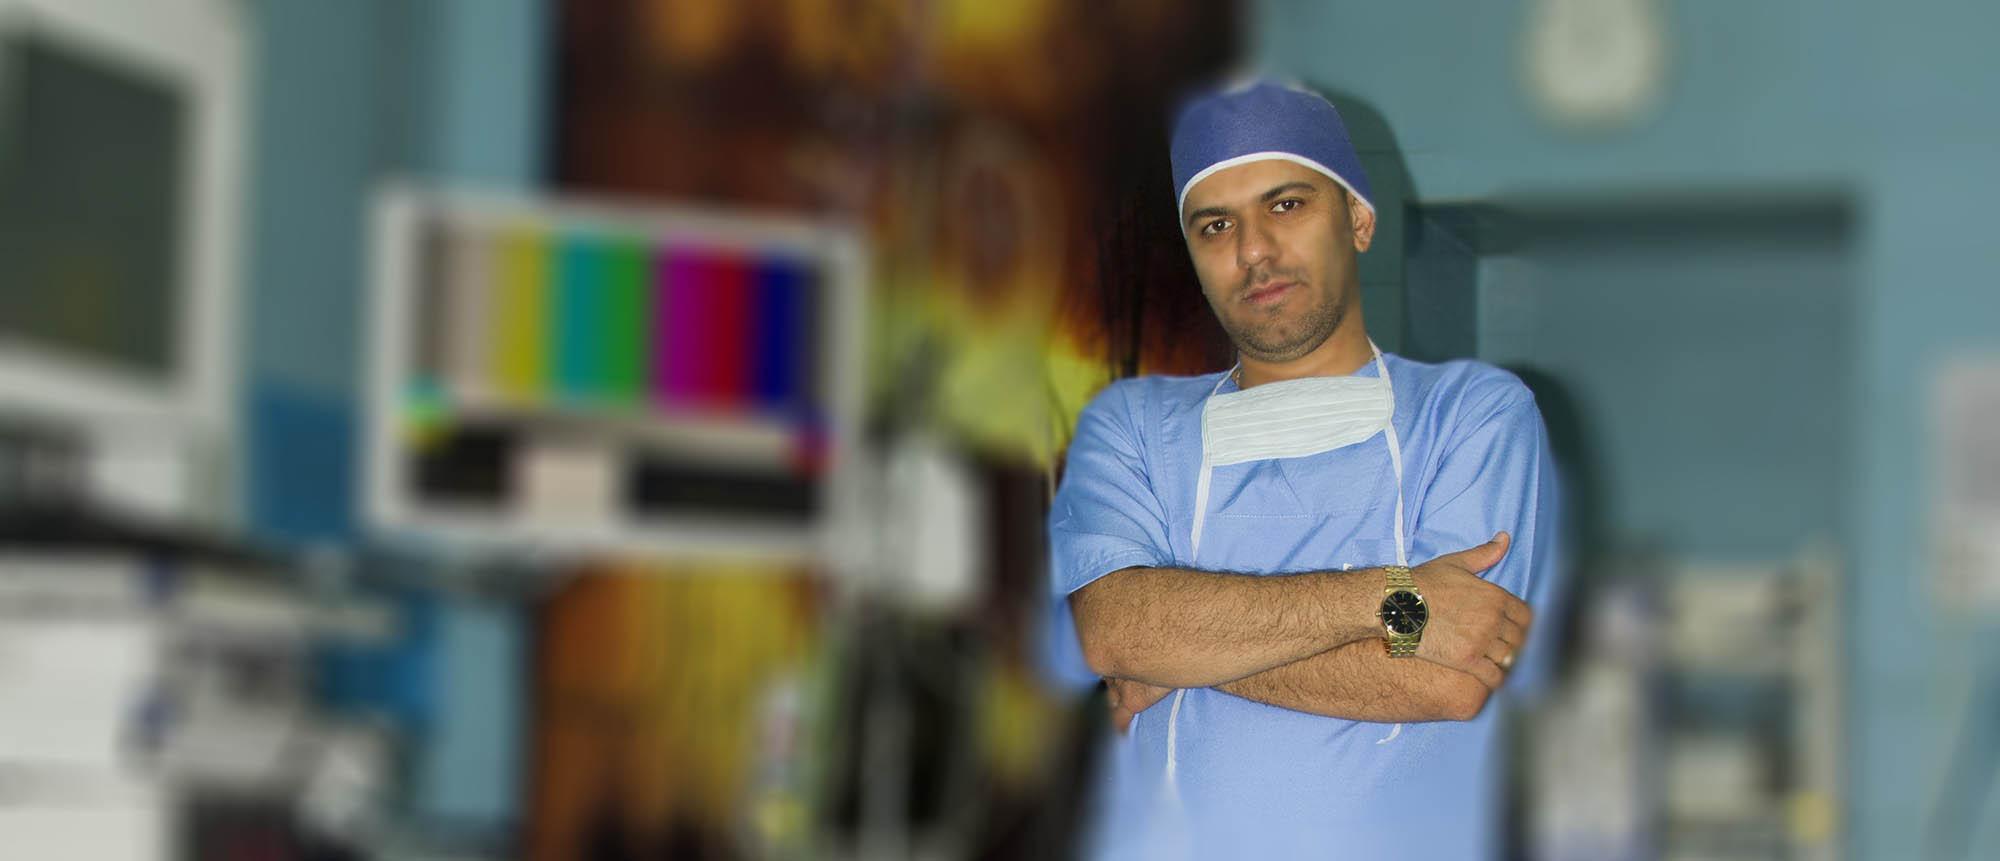 جراحی اسلیو معده | دکتر نور شفیعی | جراحی لاغری | جراحی چاقی